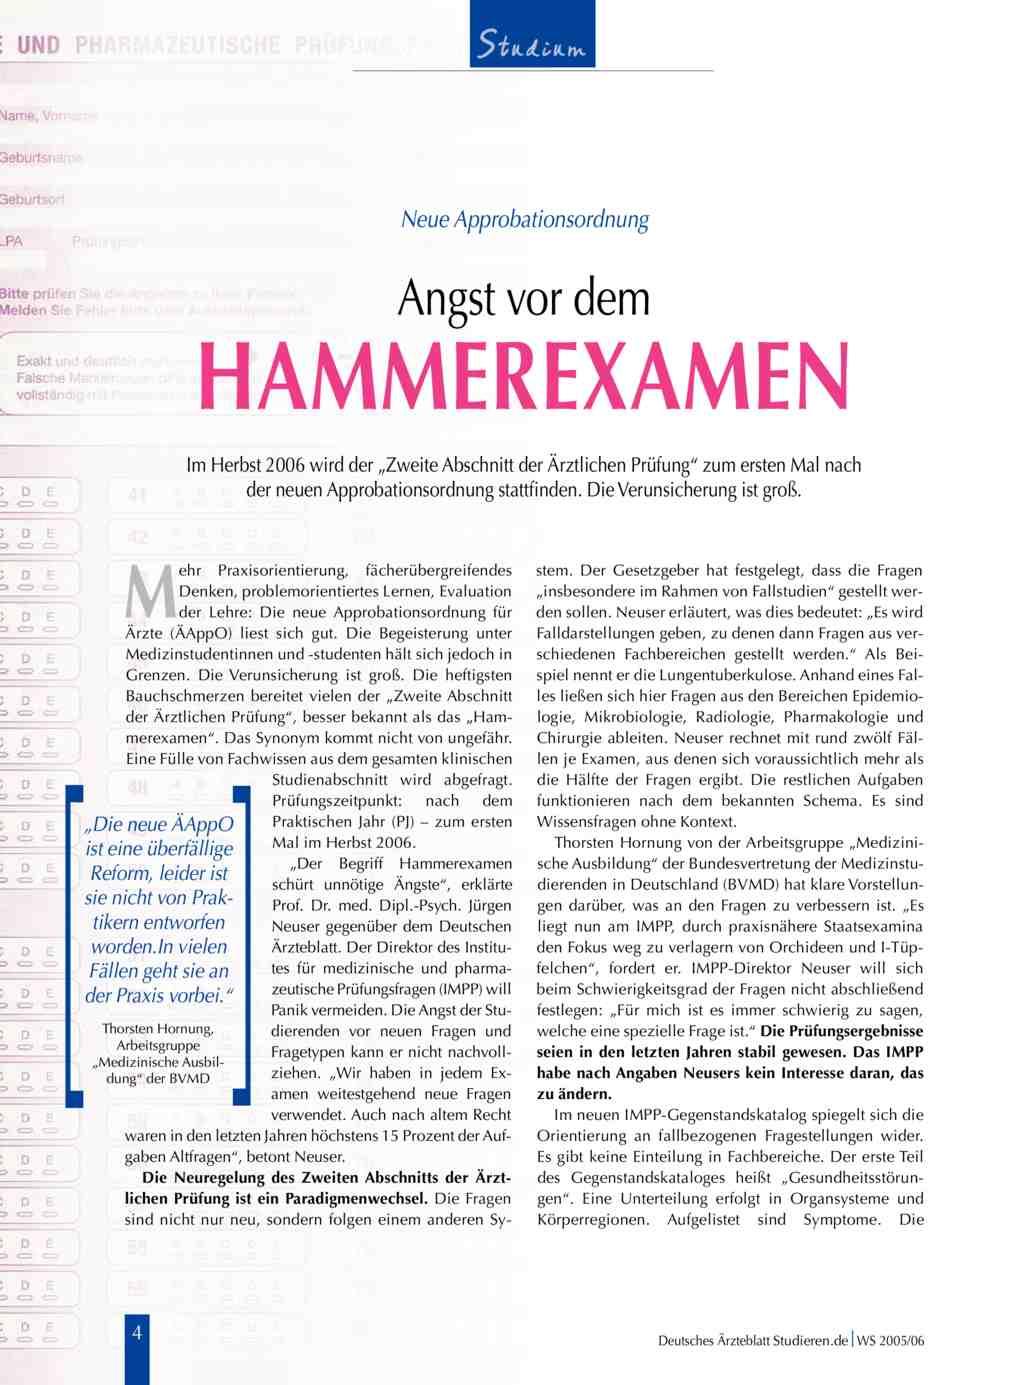 Neue Approbationsordnung: Angst vor dem Hammerexamen